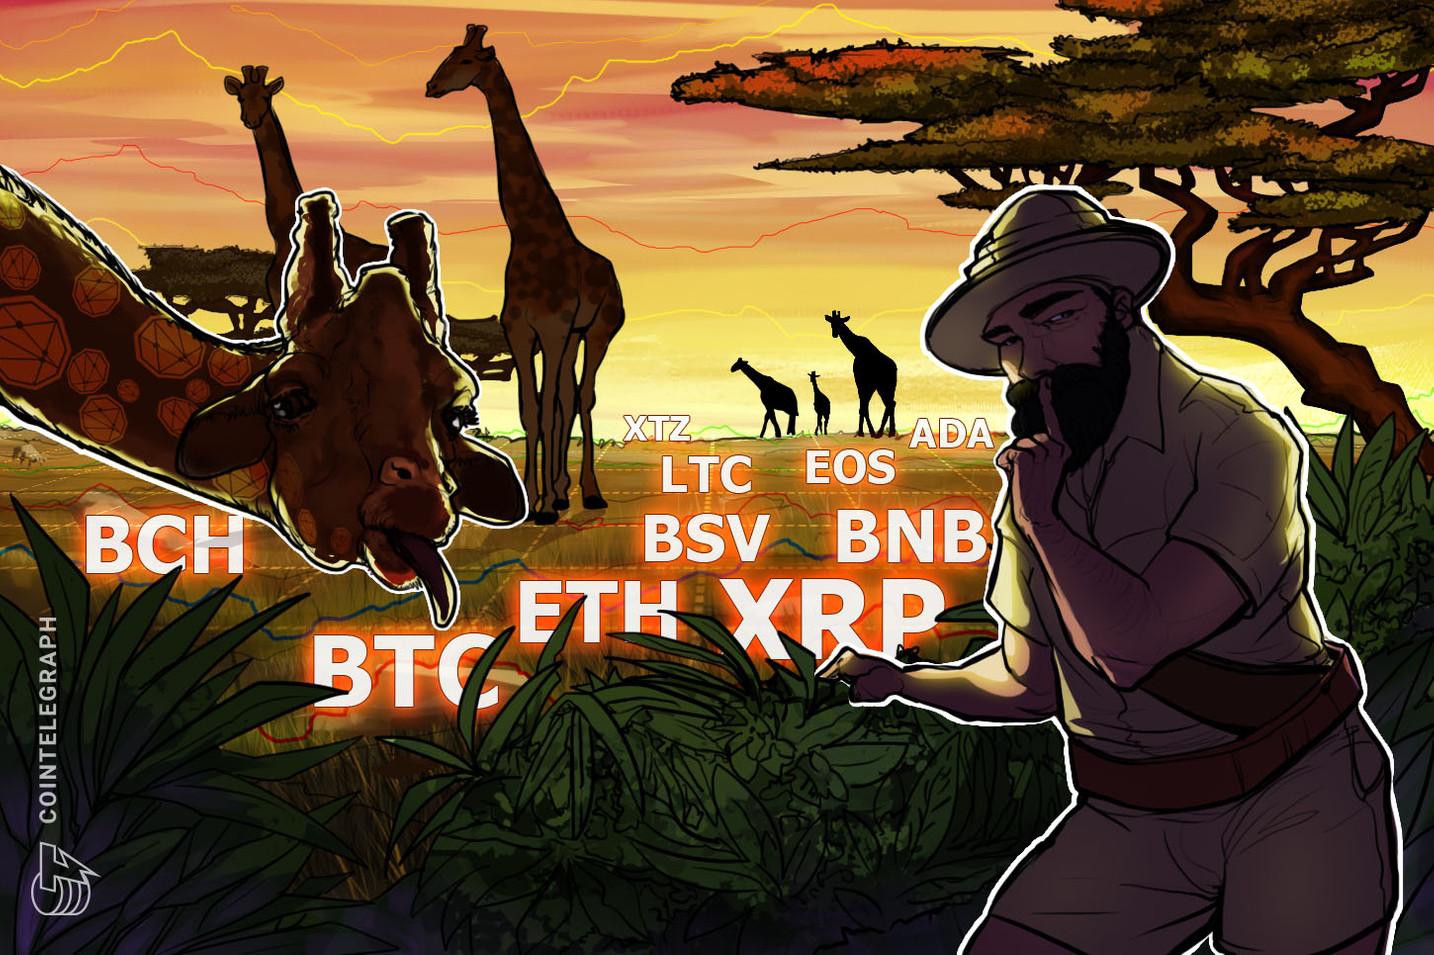 Kursanalyse, 3. Februar: BTC, ETH, XRP, BCH, BSV, LTC, EOS, BNB, ADA, XTZ